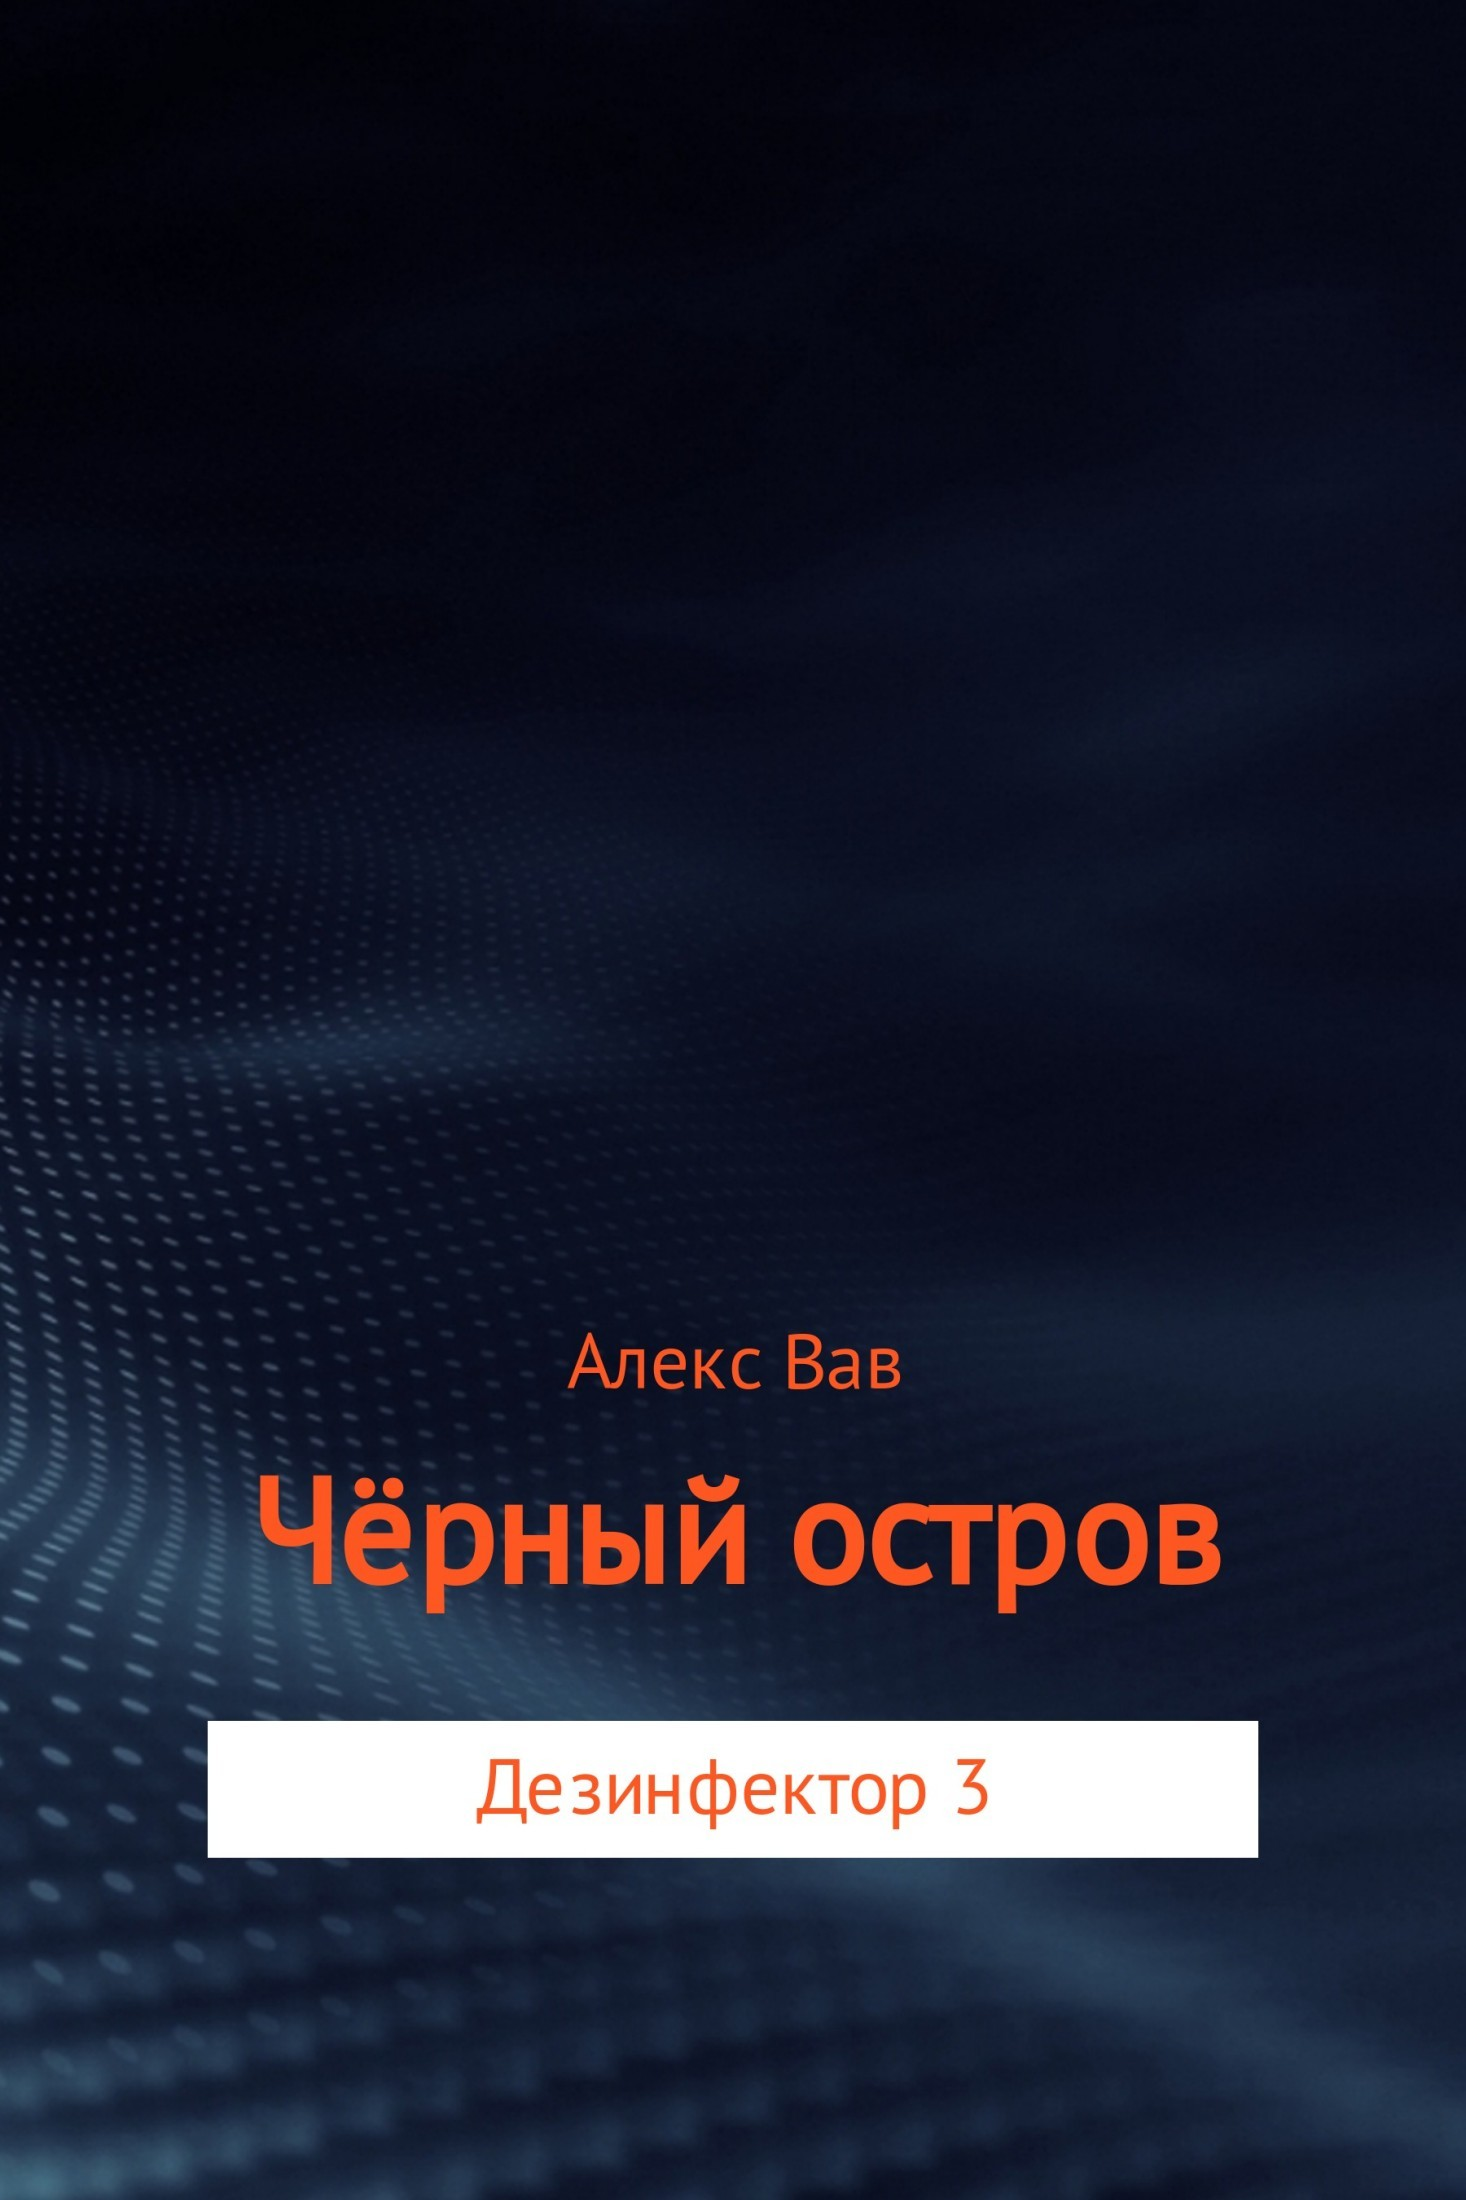 Алекс Вав - Чёрный остров